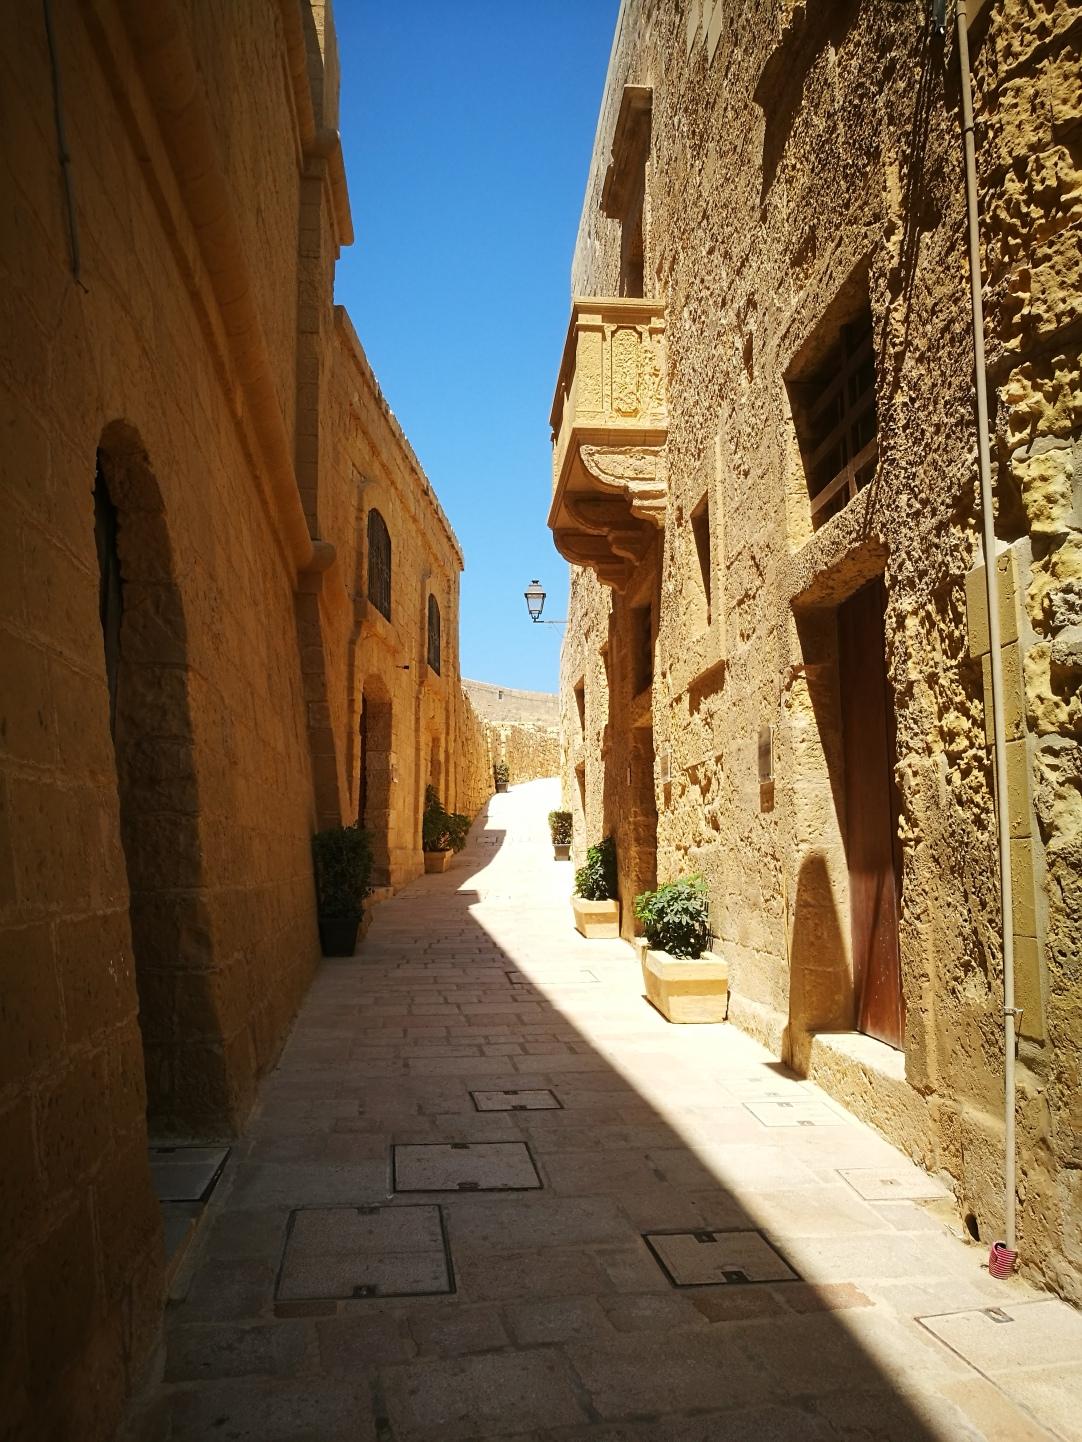 Gozo - Streets